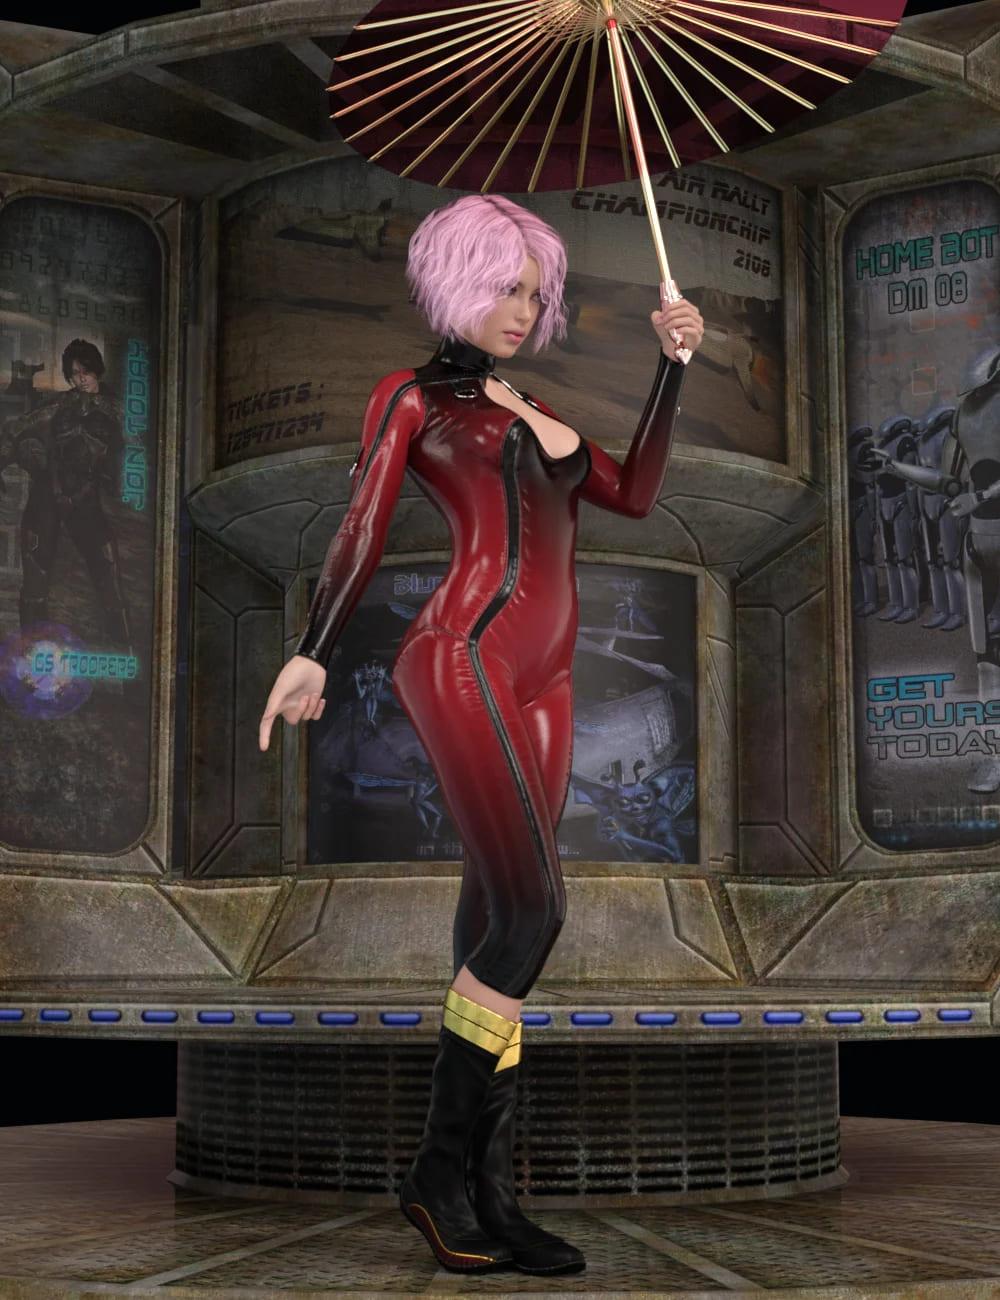 Umbrella Poses For Genesis 8 Female_DAZ3D下载站